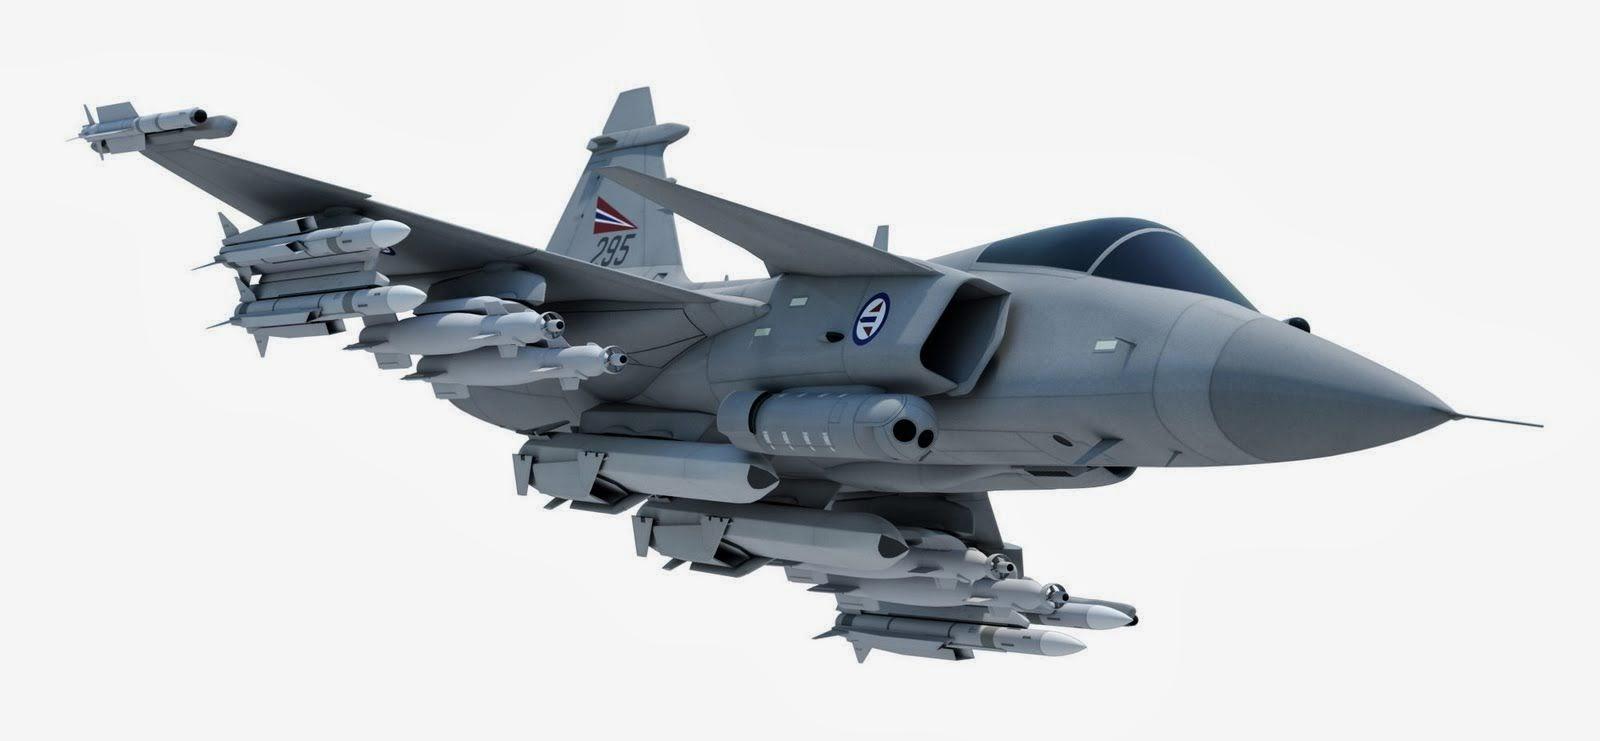 Saab JAS Gripen. image: en.mercopress